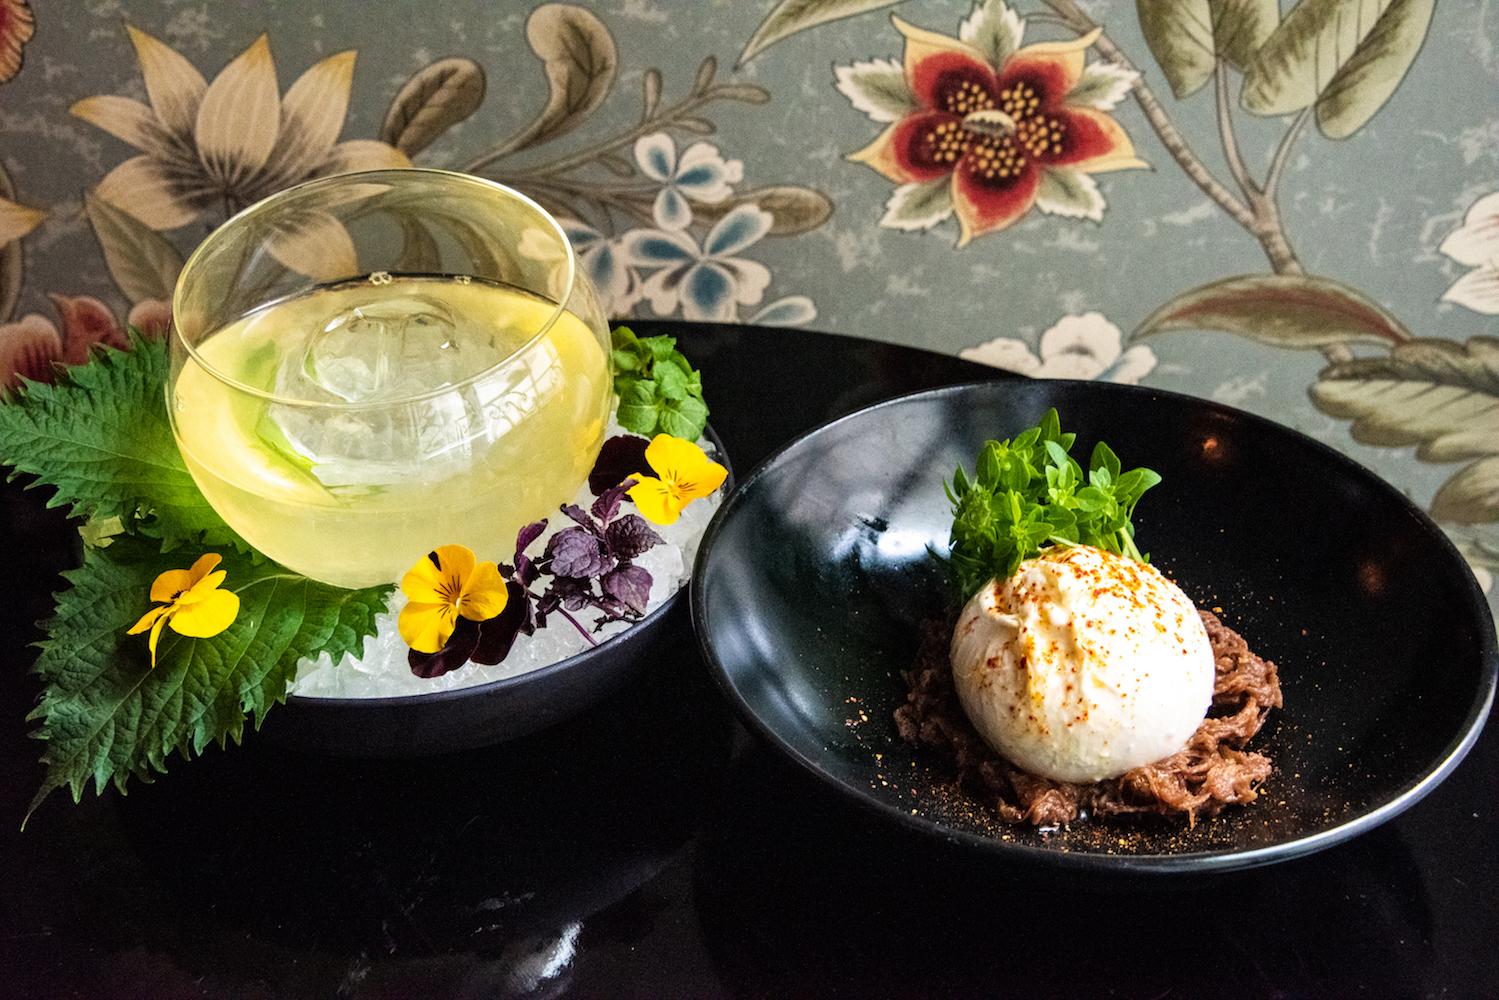 Cocktail Mahatma Chai et Burrata accompagnée d'une purée d'oignons à la chicorée